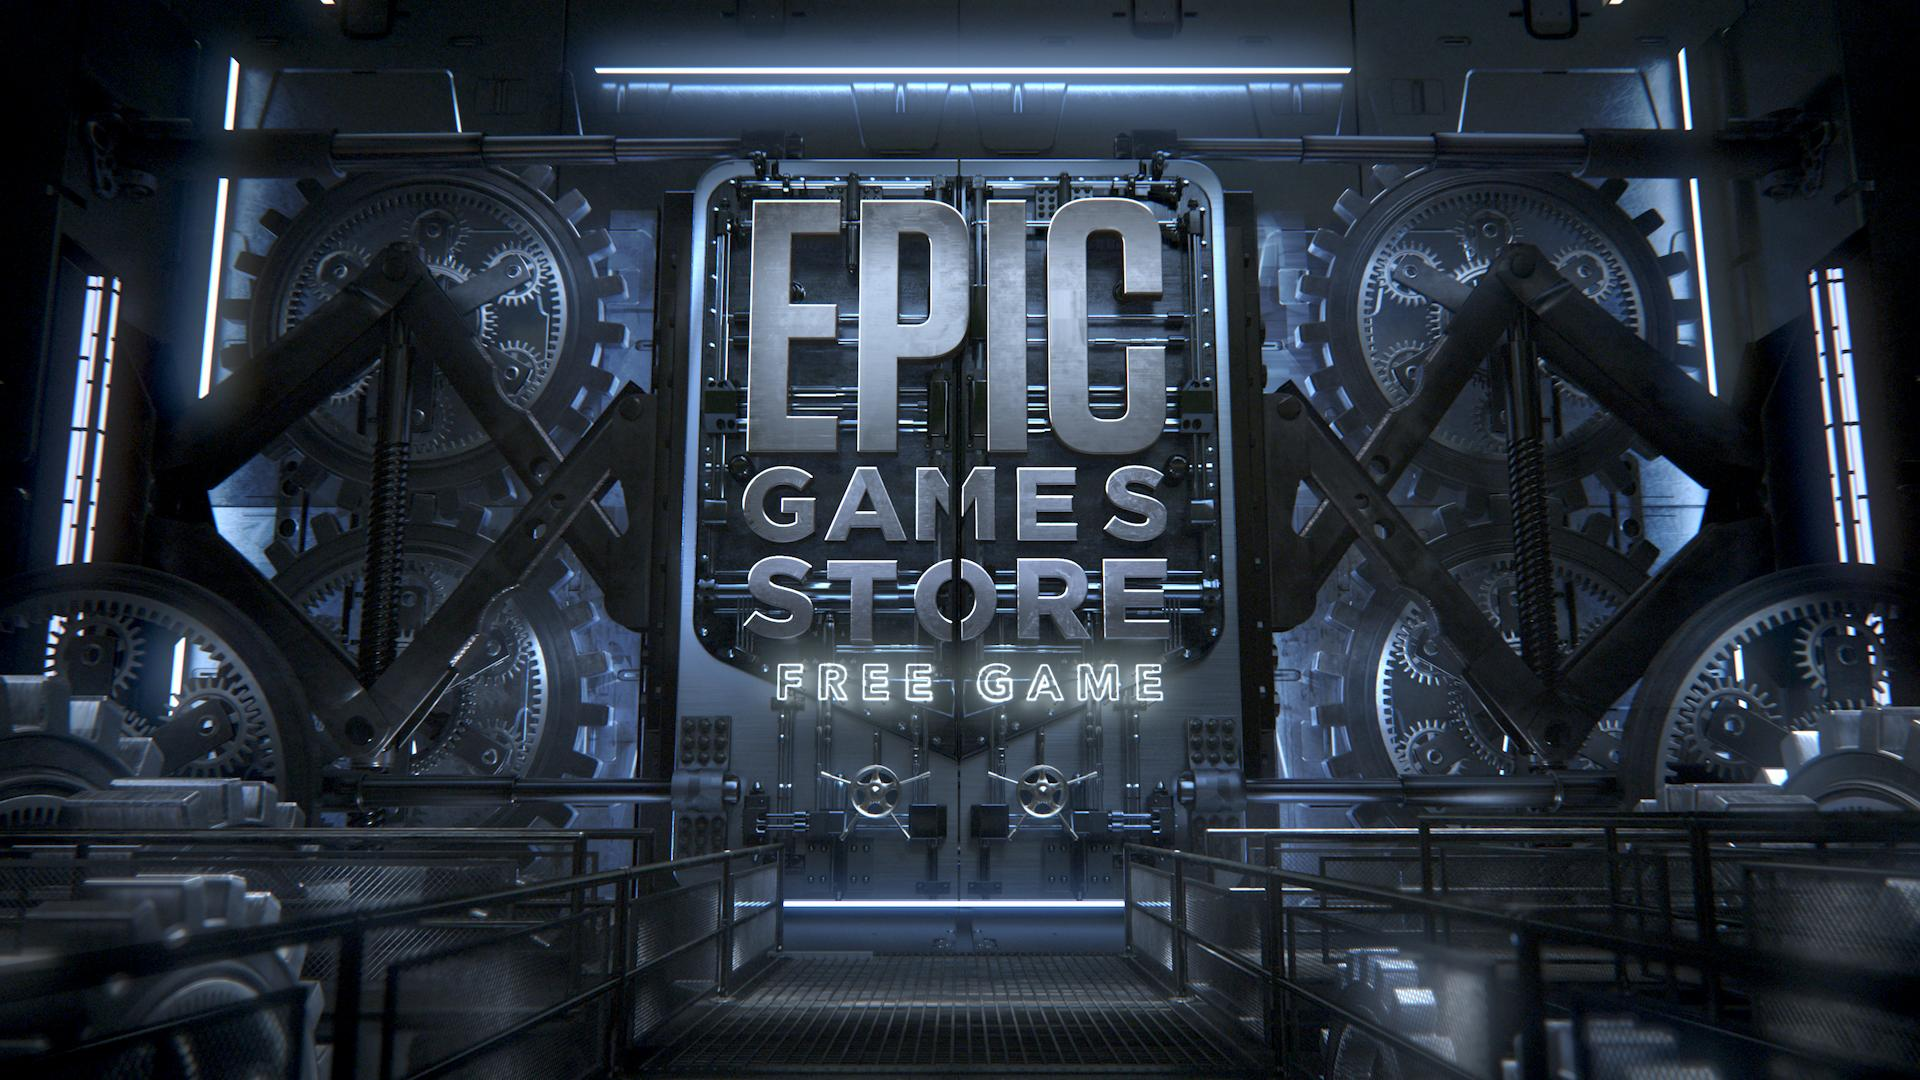 Получите бесплатно новую ААА-игру вEpic Games Store